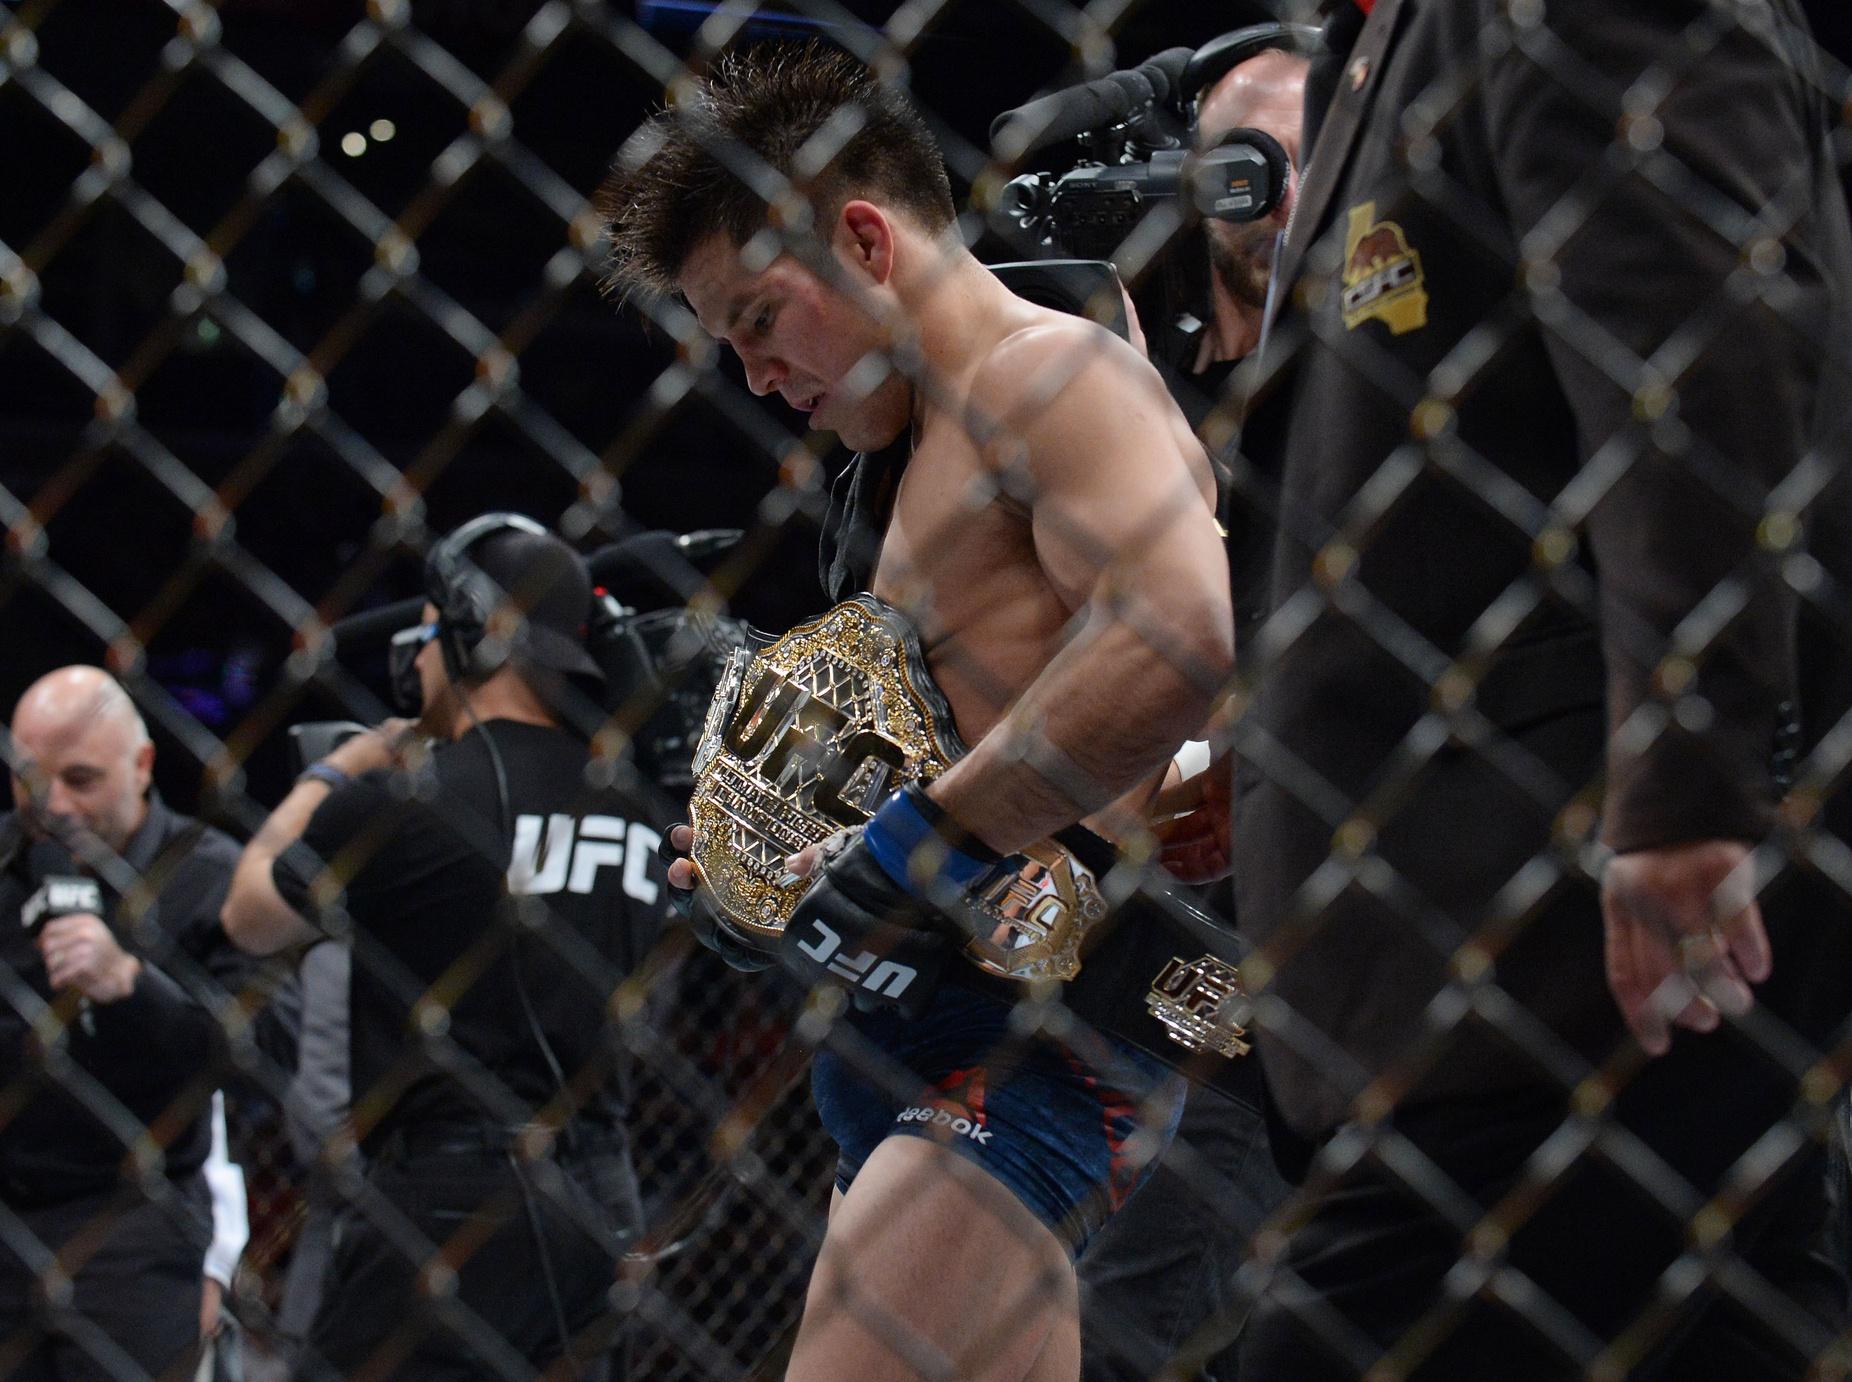 Cejudo vs. Aldo Signed for UFC 250